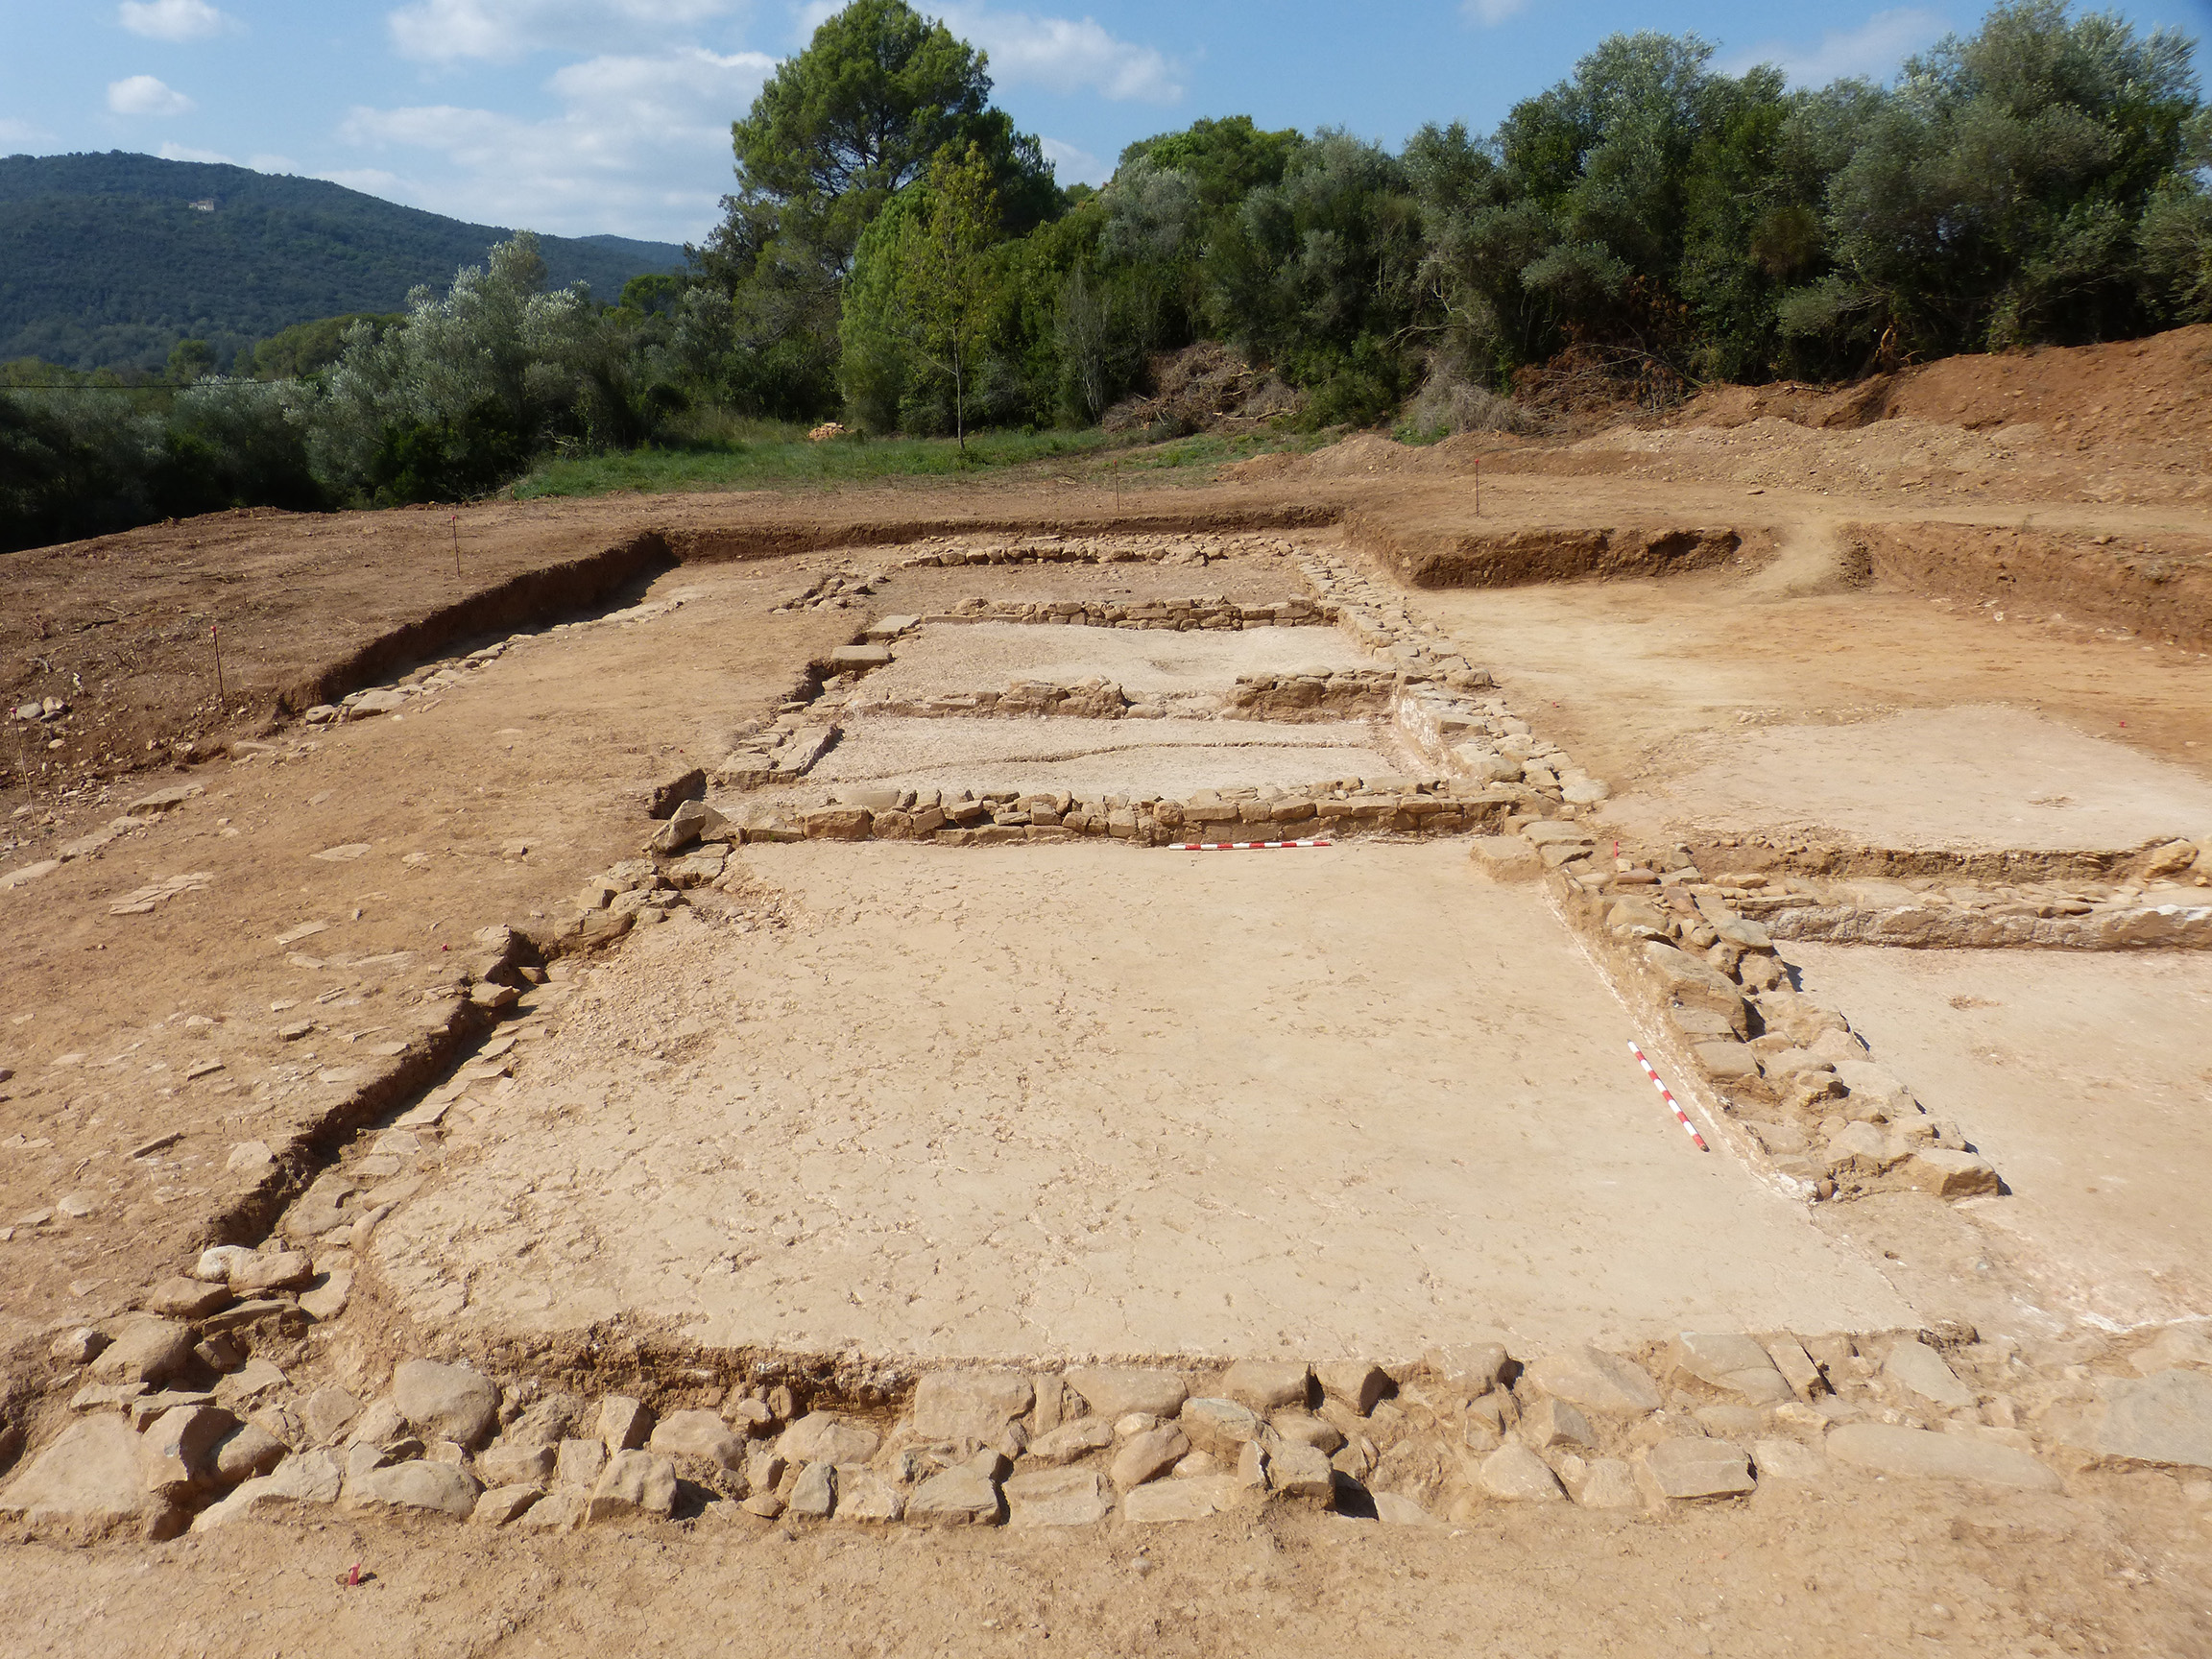 Vista de l'ala oest de la vil·la romana de Can Ring, amb el gran àmbit de recepció en primer terme. Fotografia: GRAPE